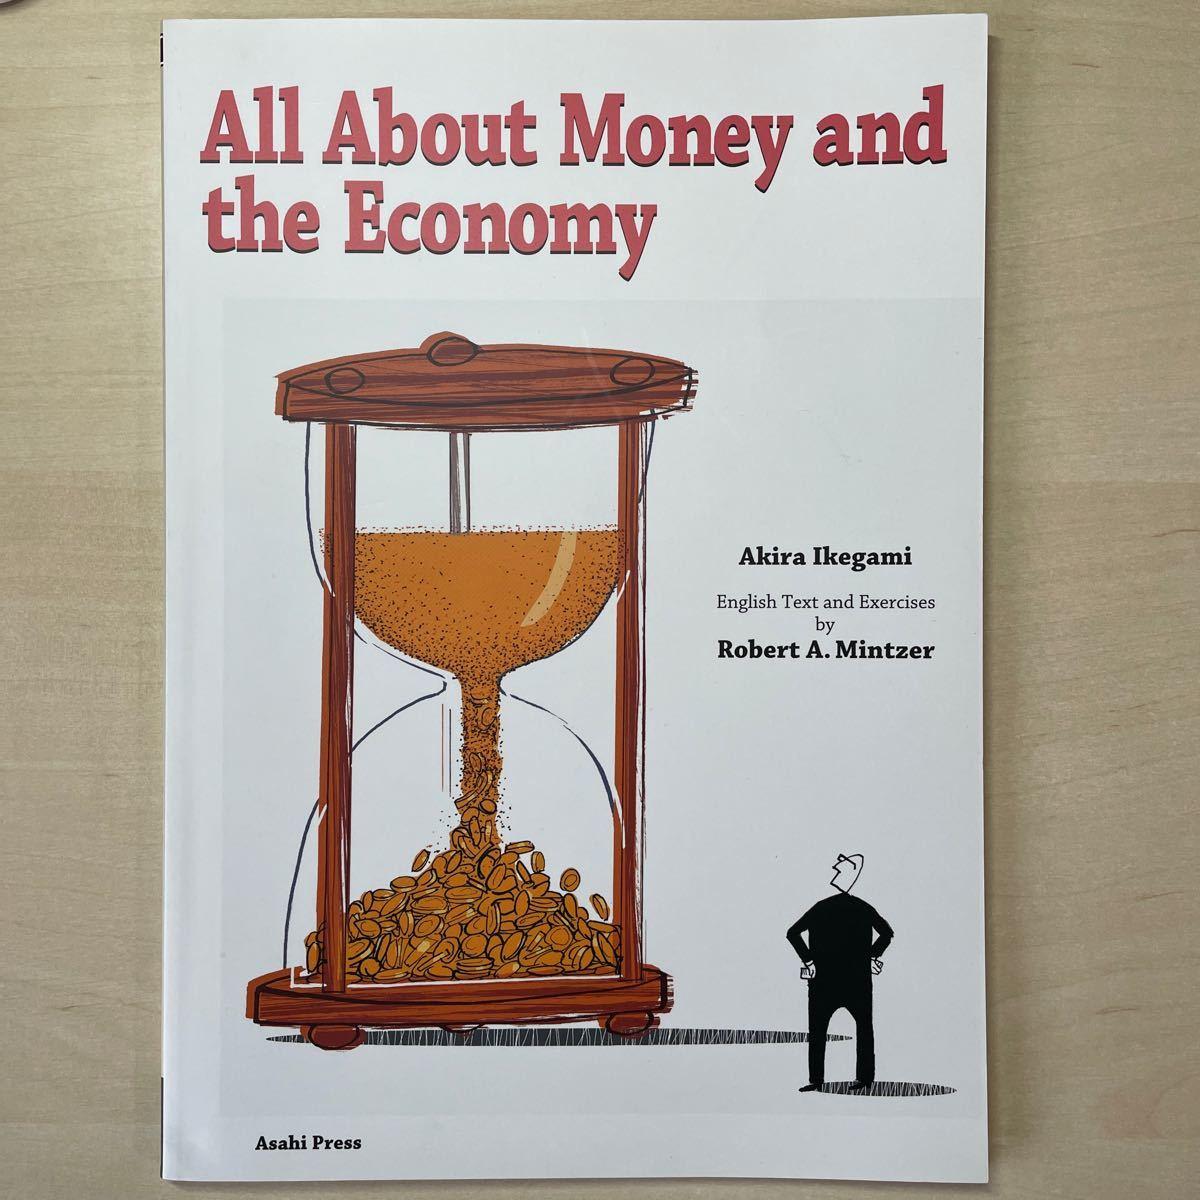 やさしく読めるお金と経済の話/池上彰/ロバートAミンツァー  (All About Money and the Economy)